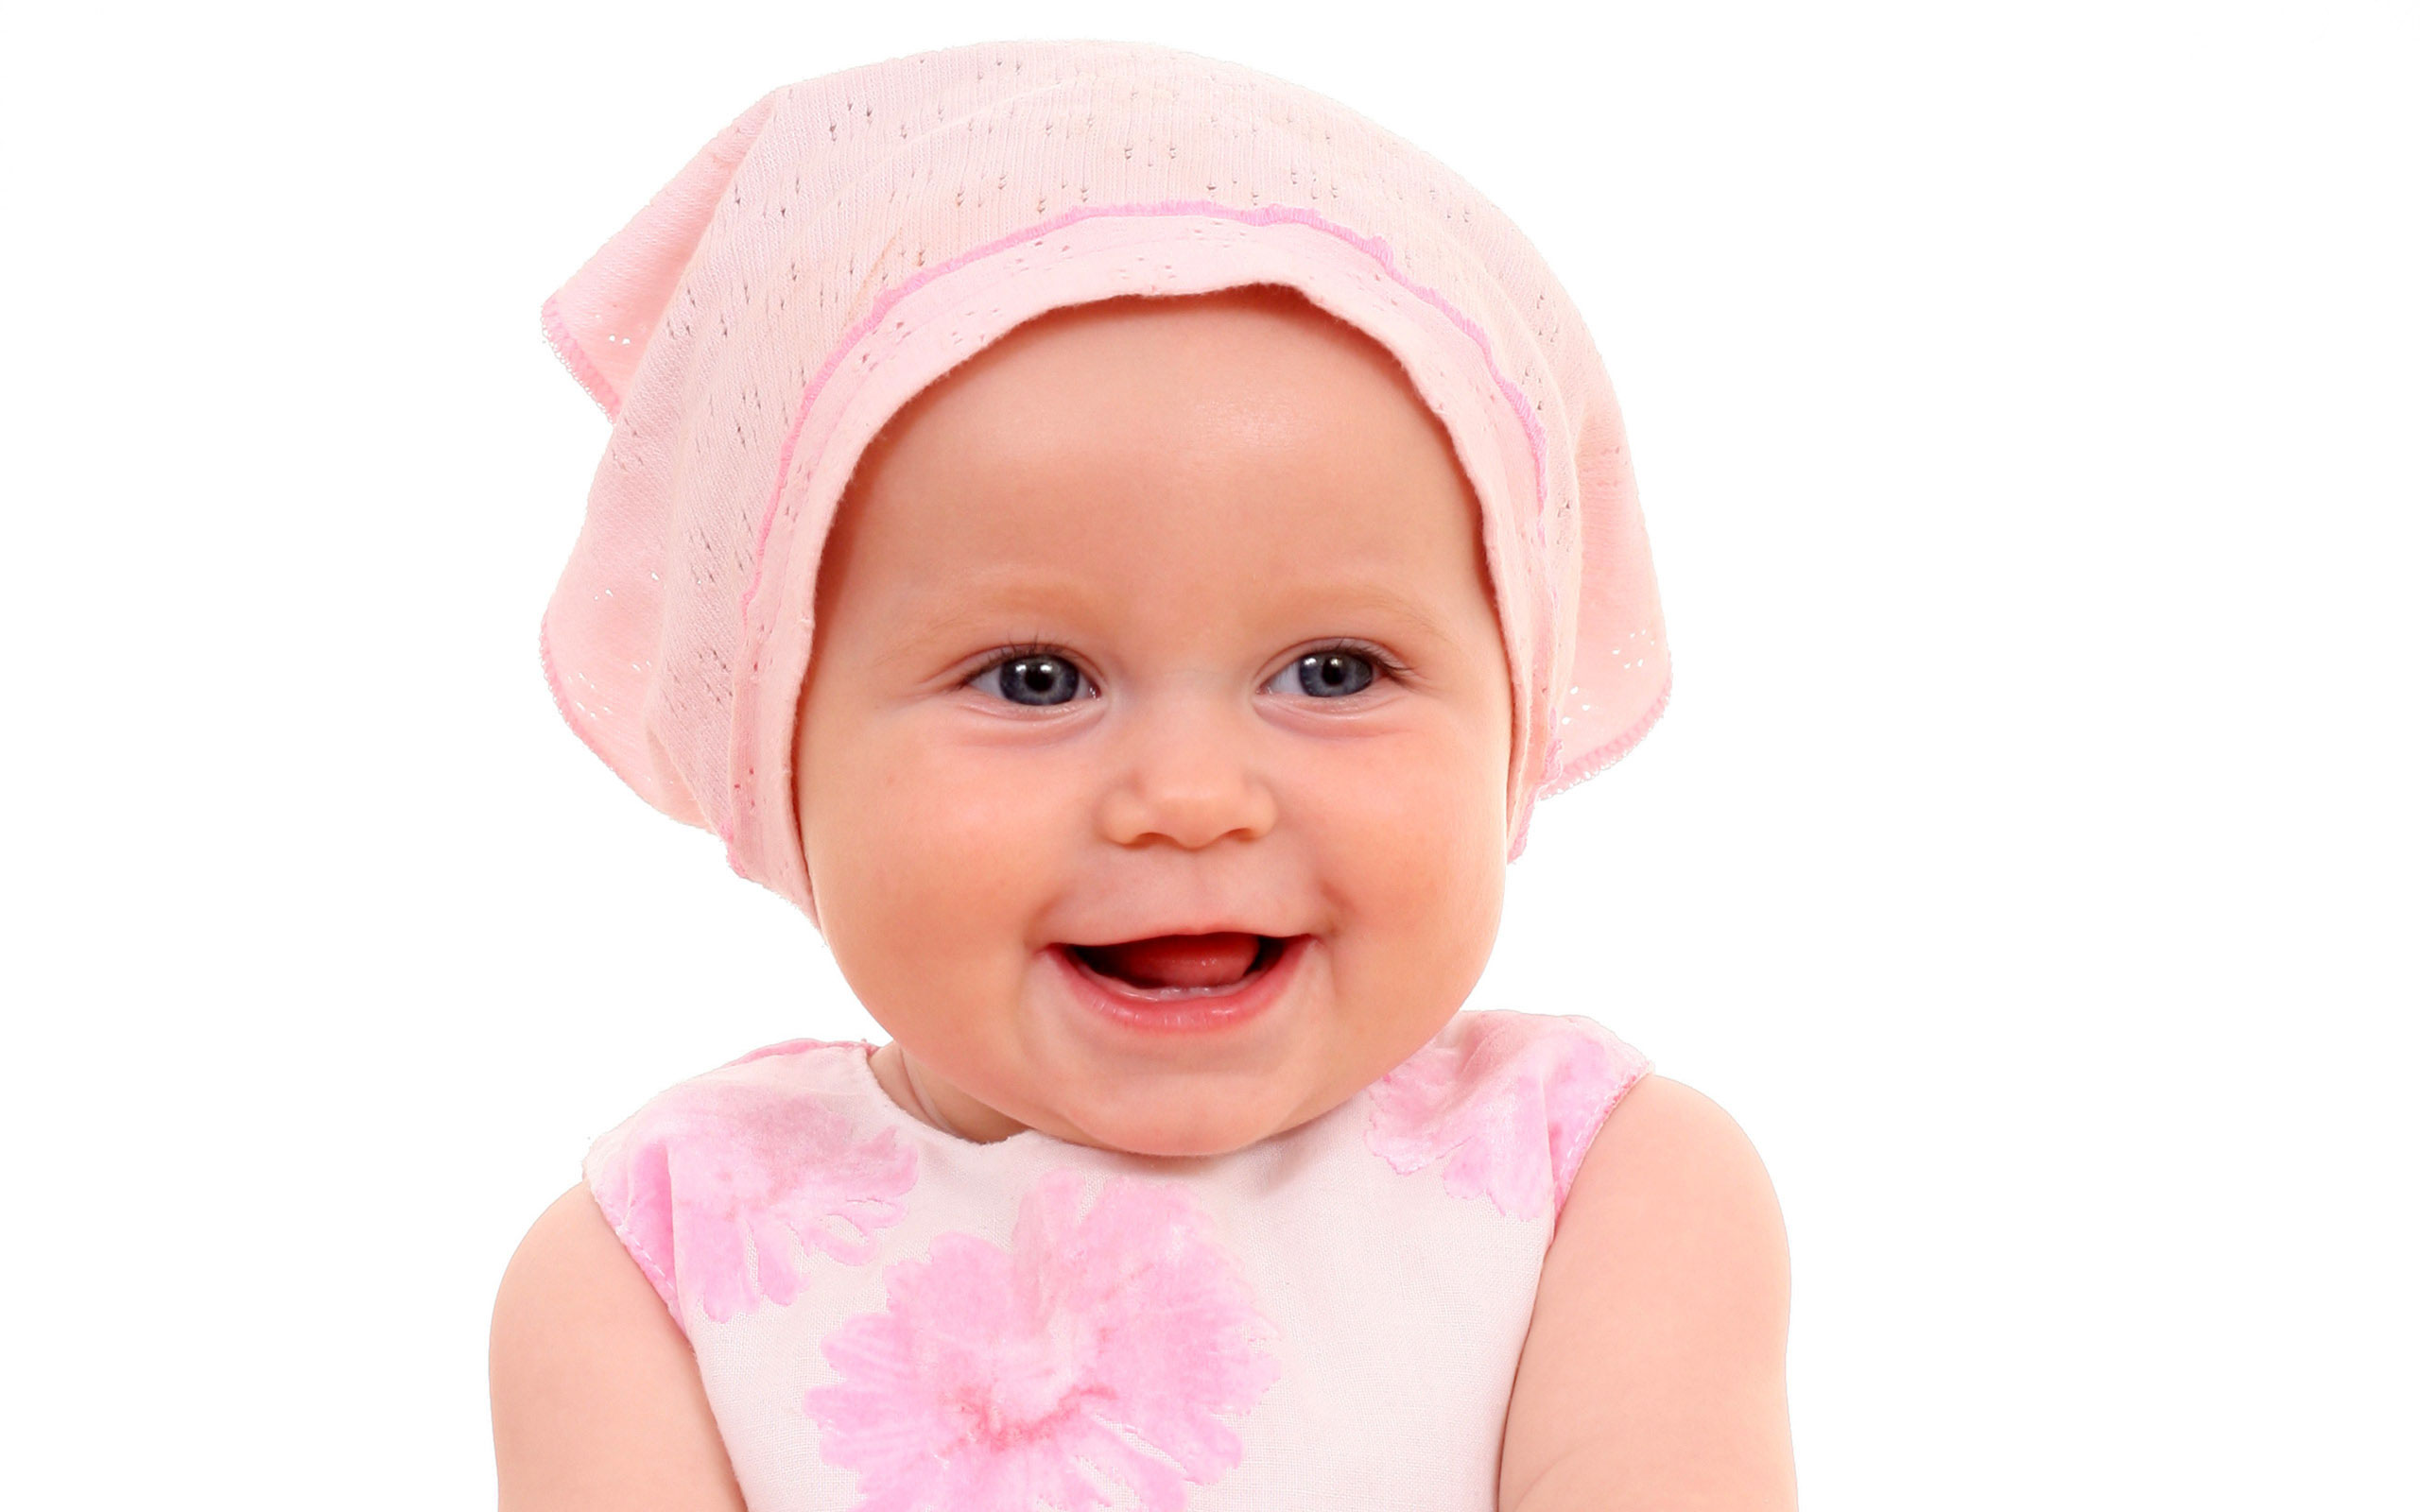 可爱婴儿图片素材下载由mm4000图片大全(www.mm4000.com)精心为您收集整理,是指小于1周岁的儿童。婴儿在这个阶段生长发育得特别迅速,是人一生中生长发育最旺盛的阶段。小家伙们各种萌表情,非常可爱,用来做为桌面背景,肯定会心情大好!!更多可爱宝宝壁纸尽在mm4000图片大全下载